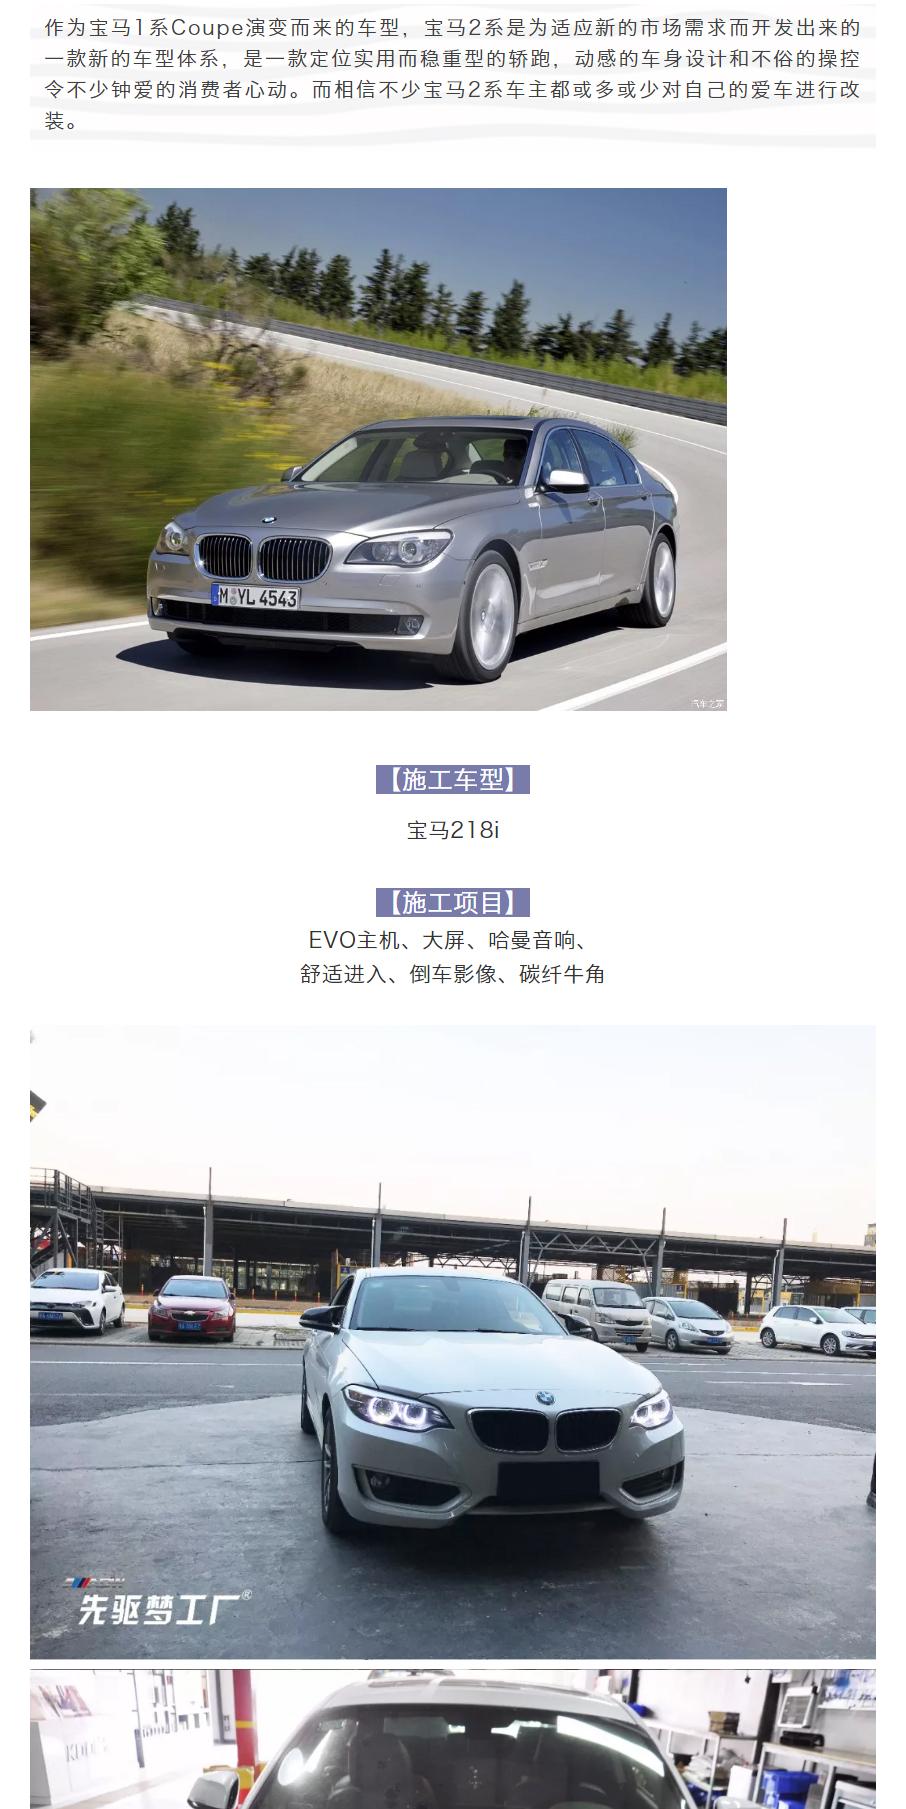 武汉先驱梦工厂_01.jpg